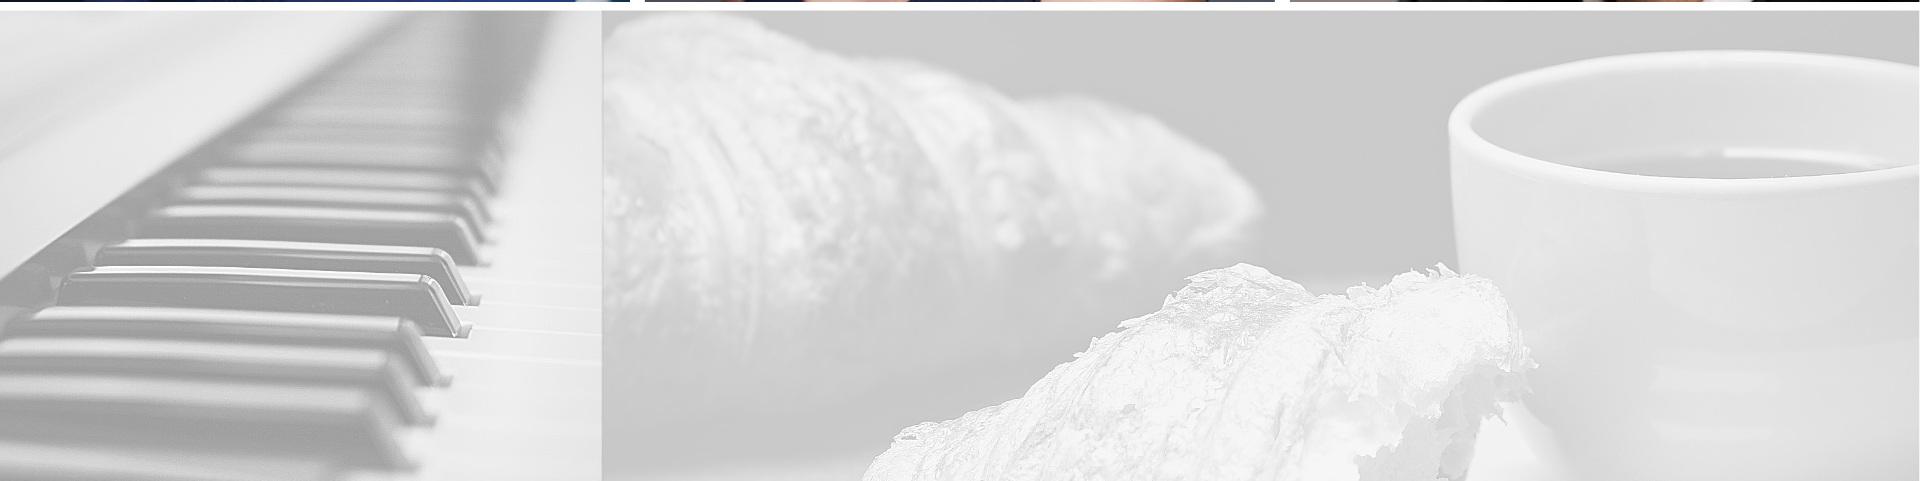 Schubert+to+a+Tea+-+Facebook+event+cover.jpg